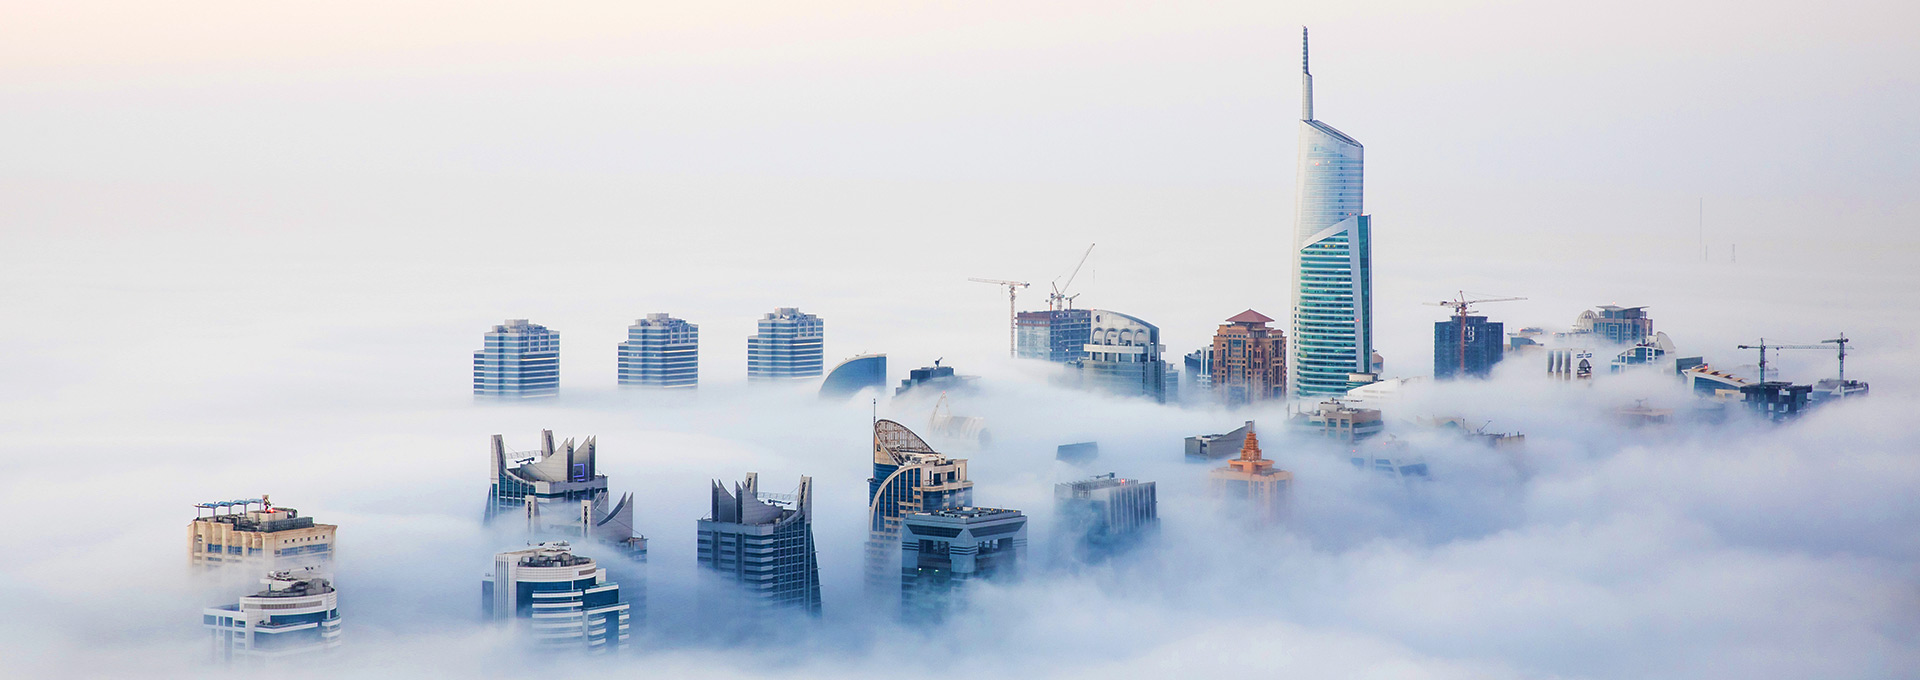 Управление Недвижимостью в ОАЭ | UCCI Group